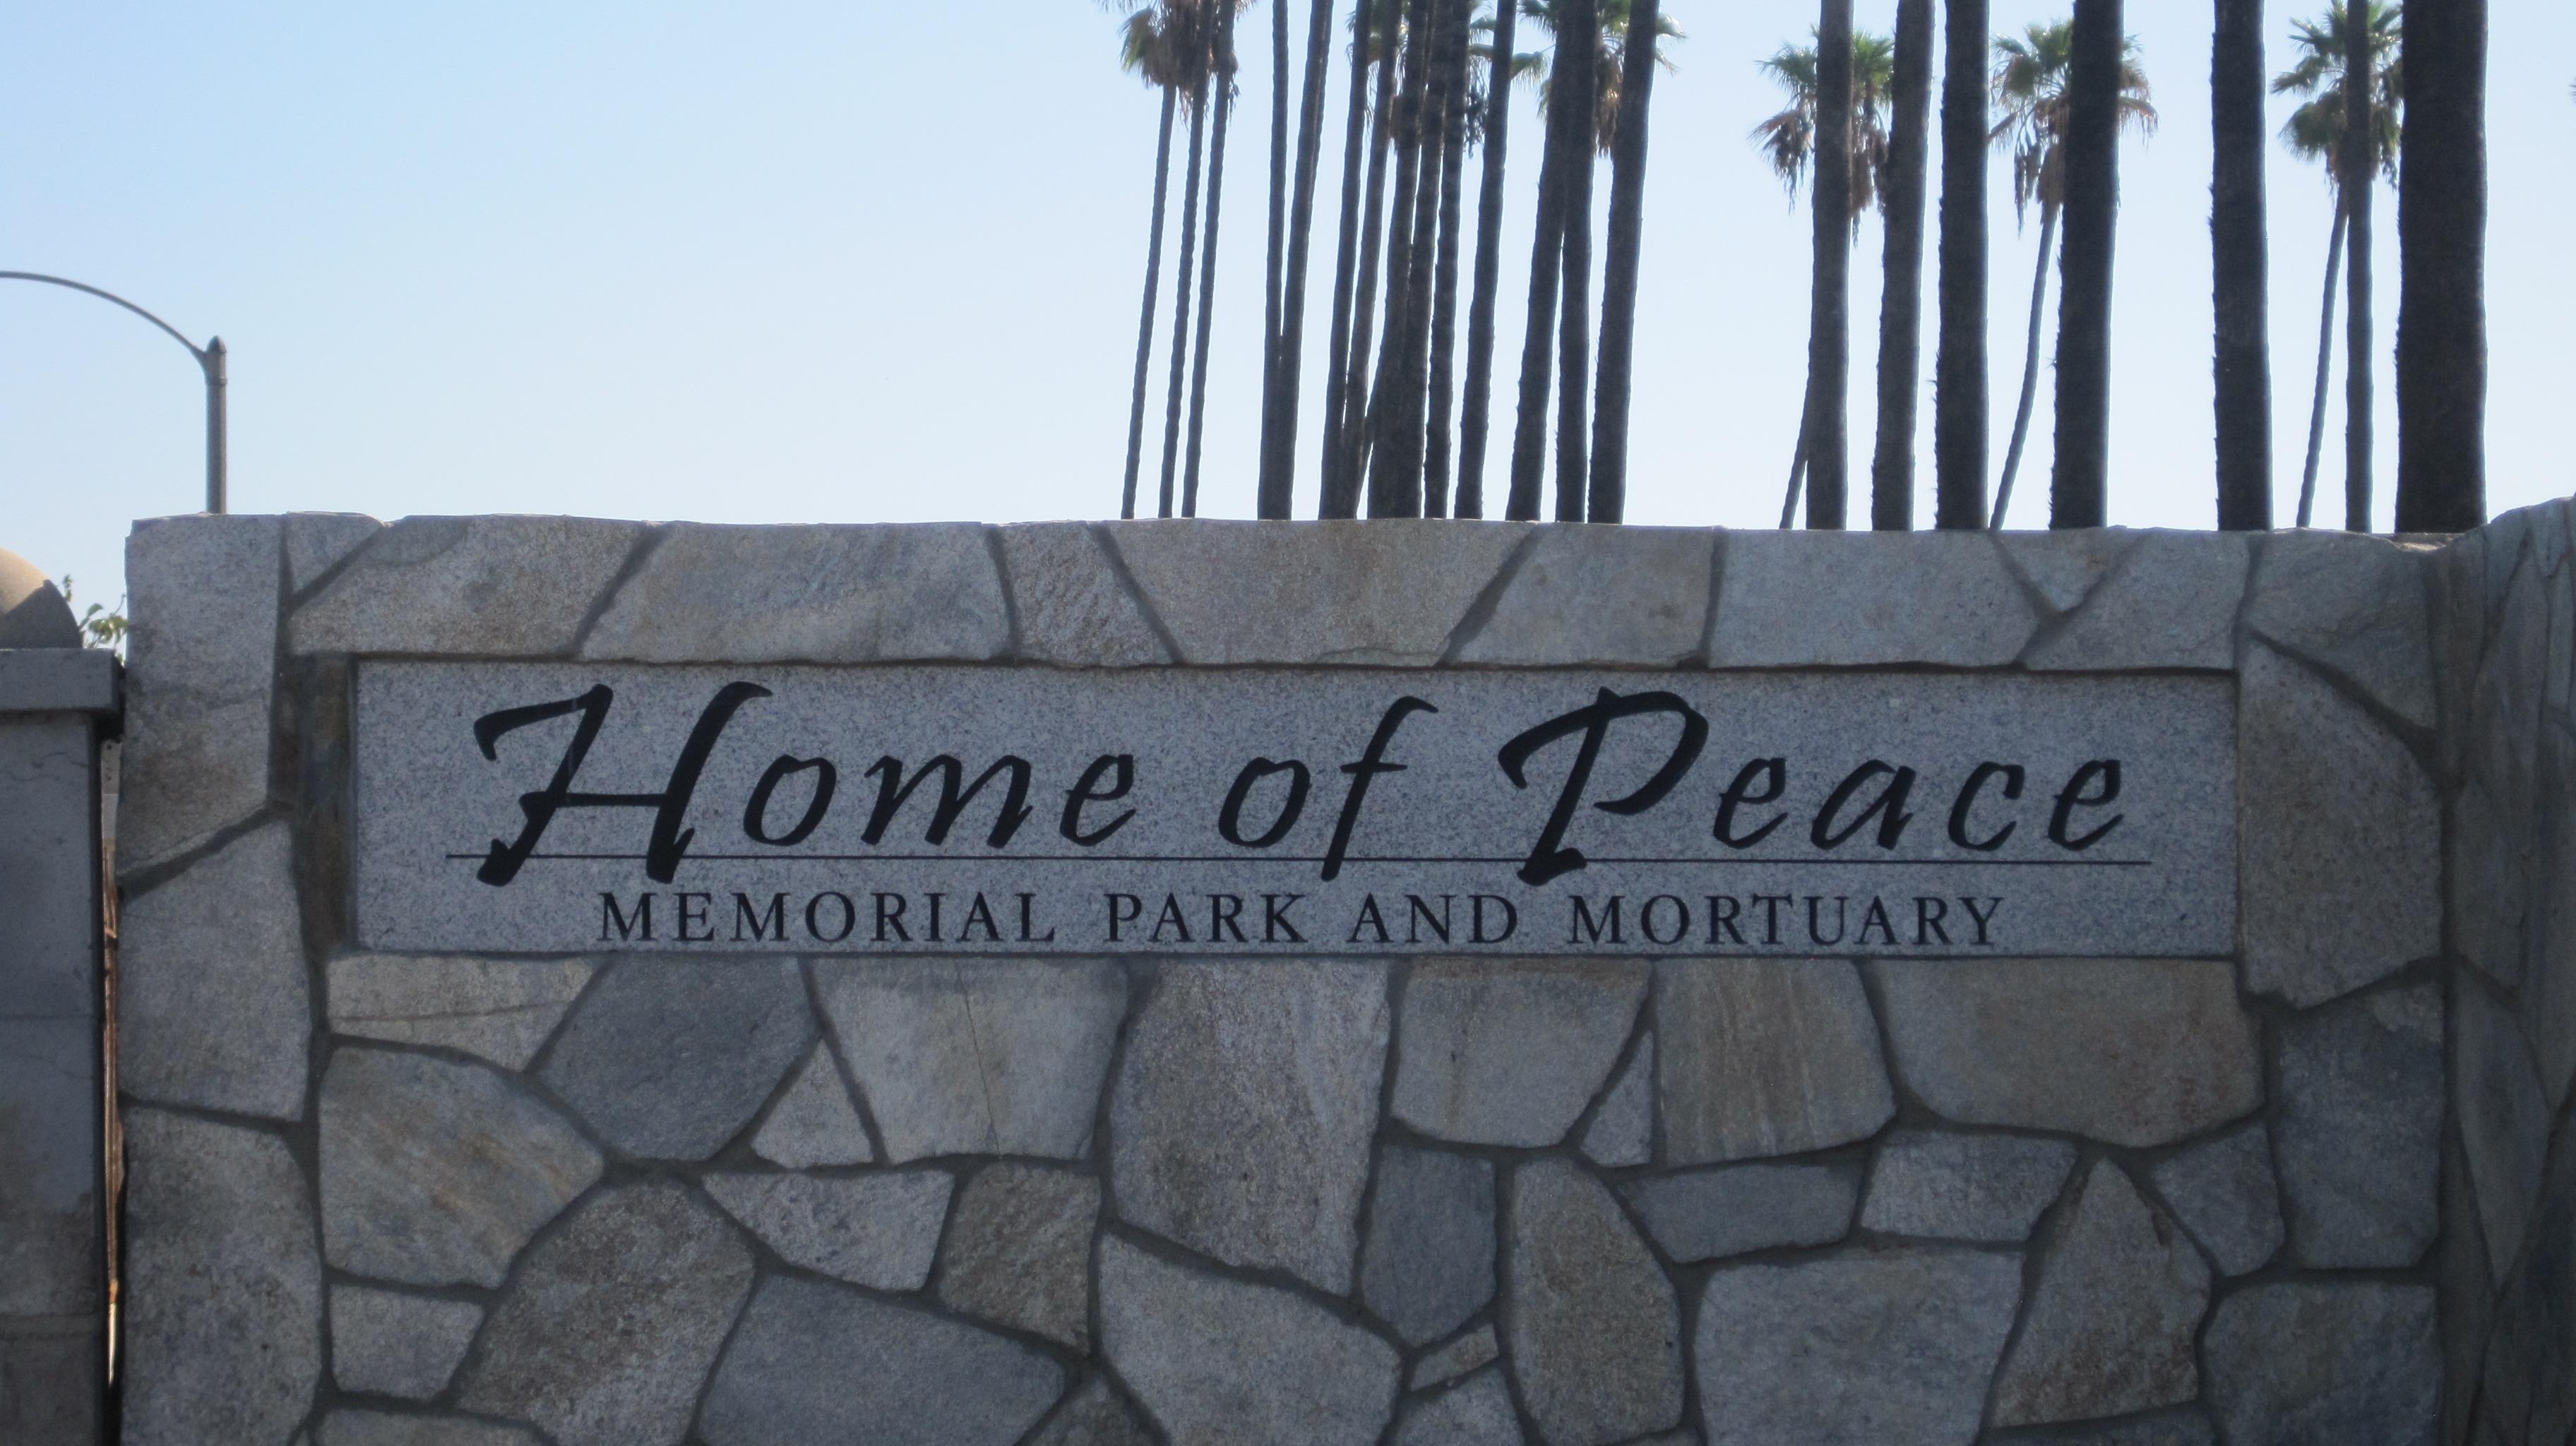 Home of Peace Memorial Park